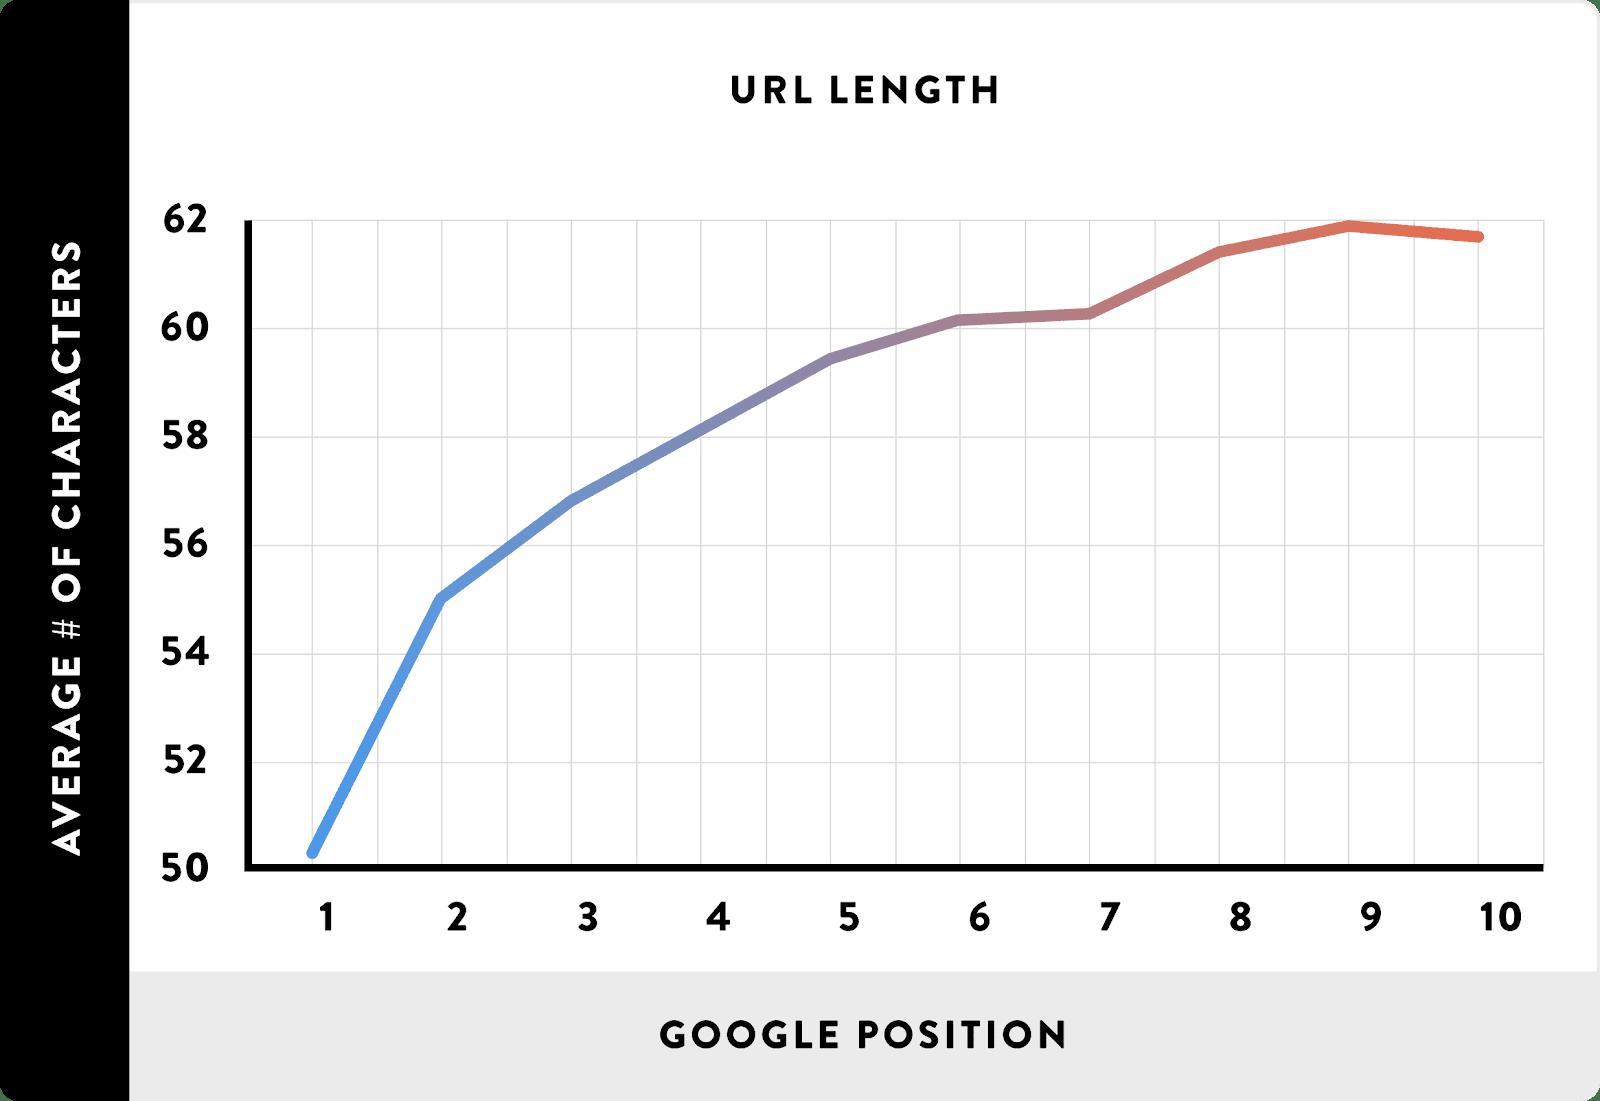 График ранжирования и длины ссылок